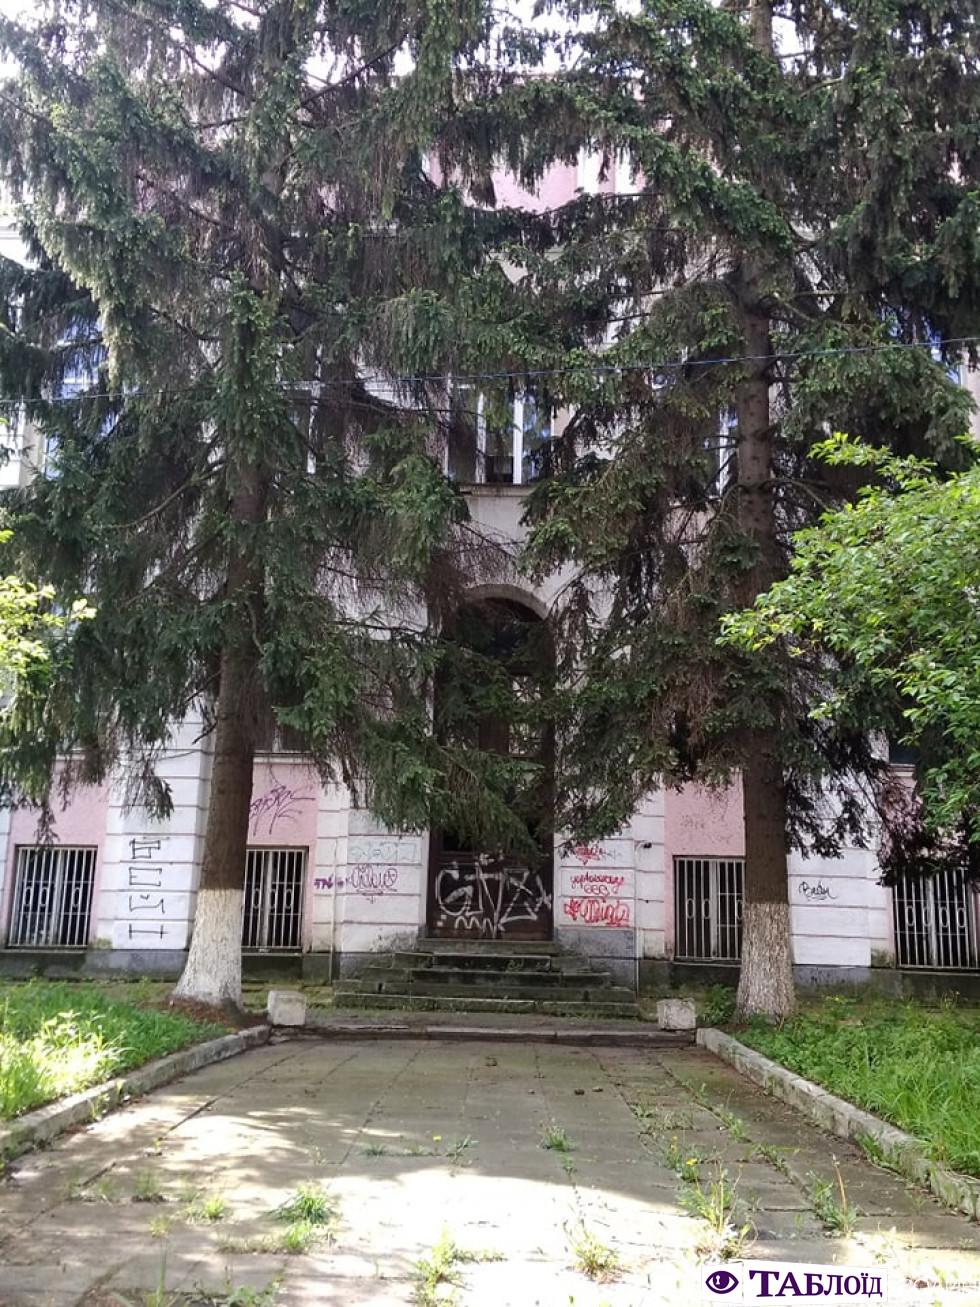 Будинок офіцерів у Луцьку